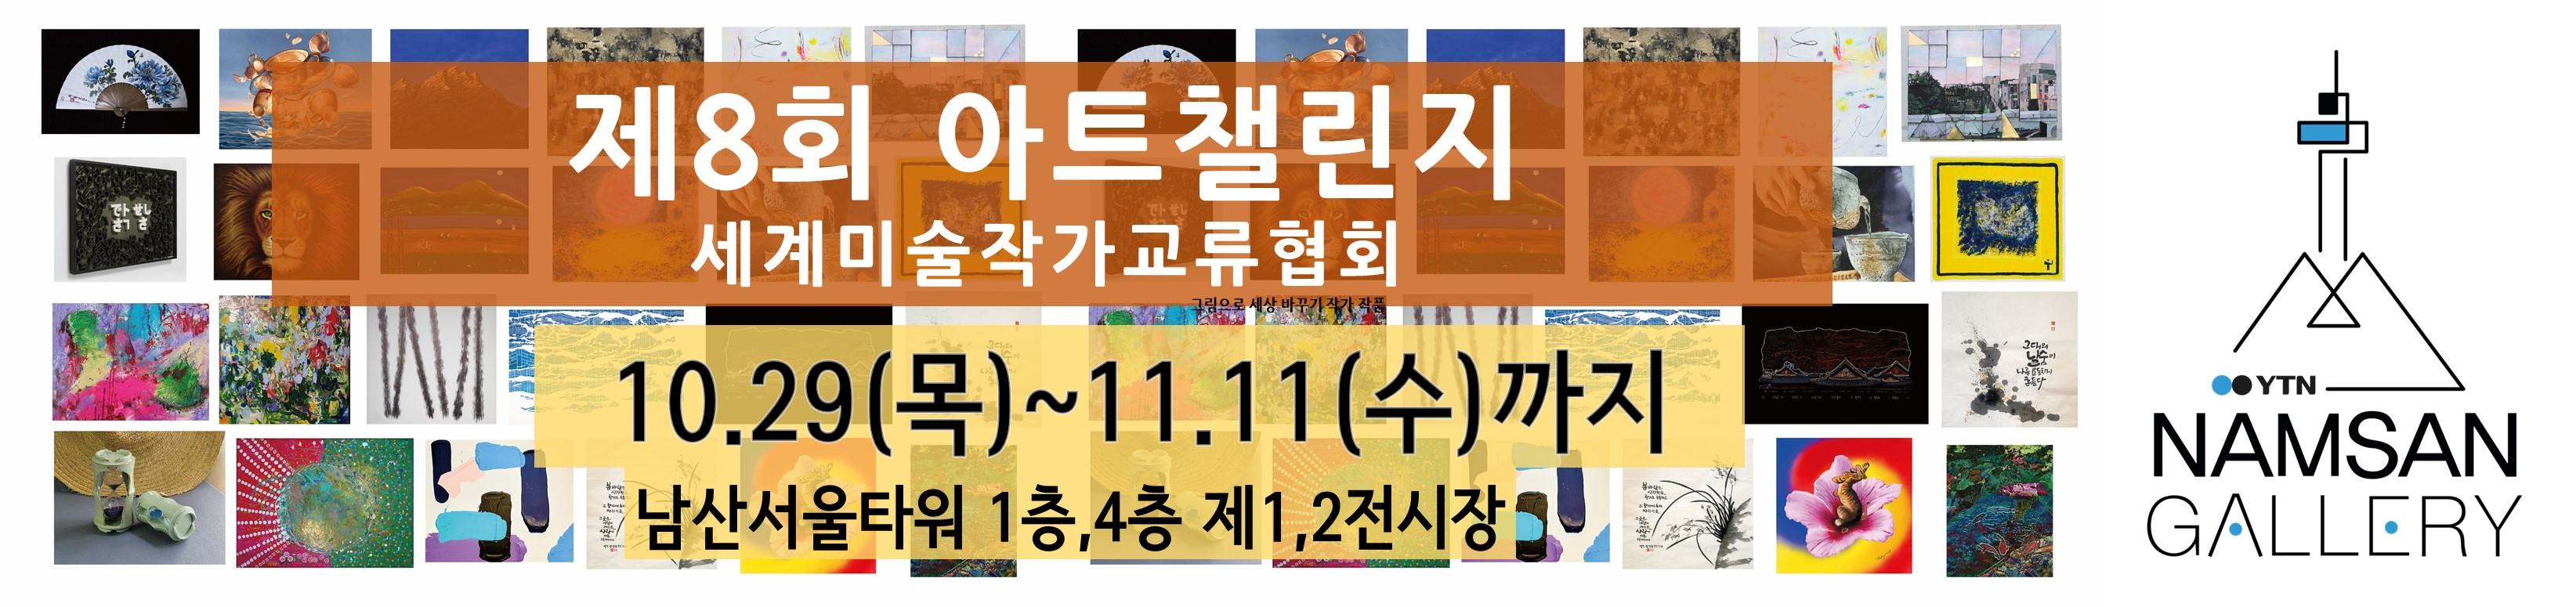 제8회 아트챌린지 with 세계미술작가교류협회